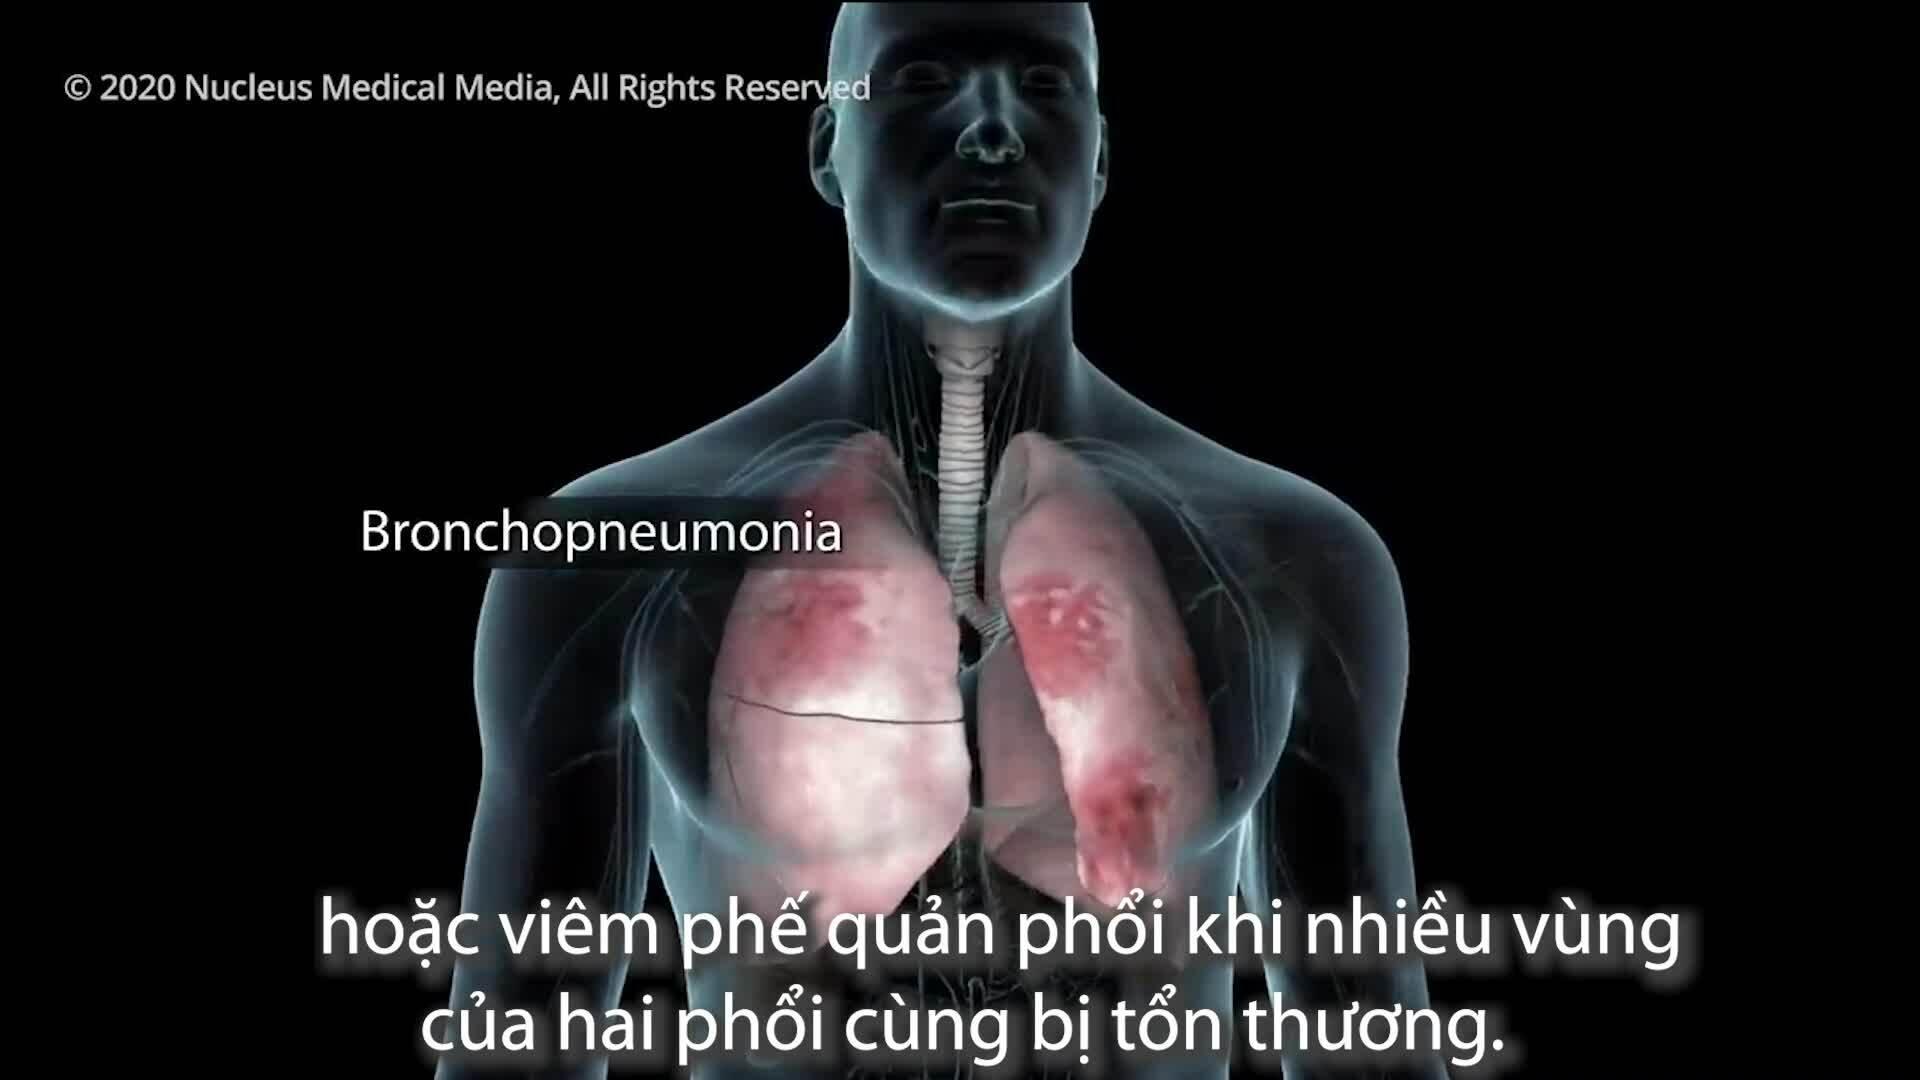 Cơ thể sẽ như thế nào khi bị nhiễm nCoV?